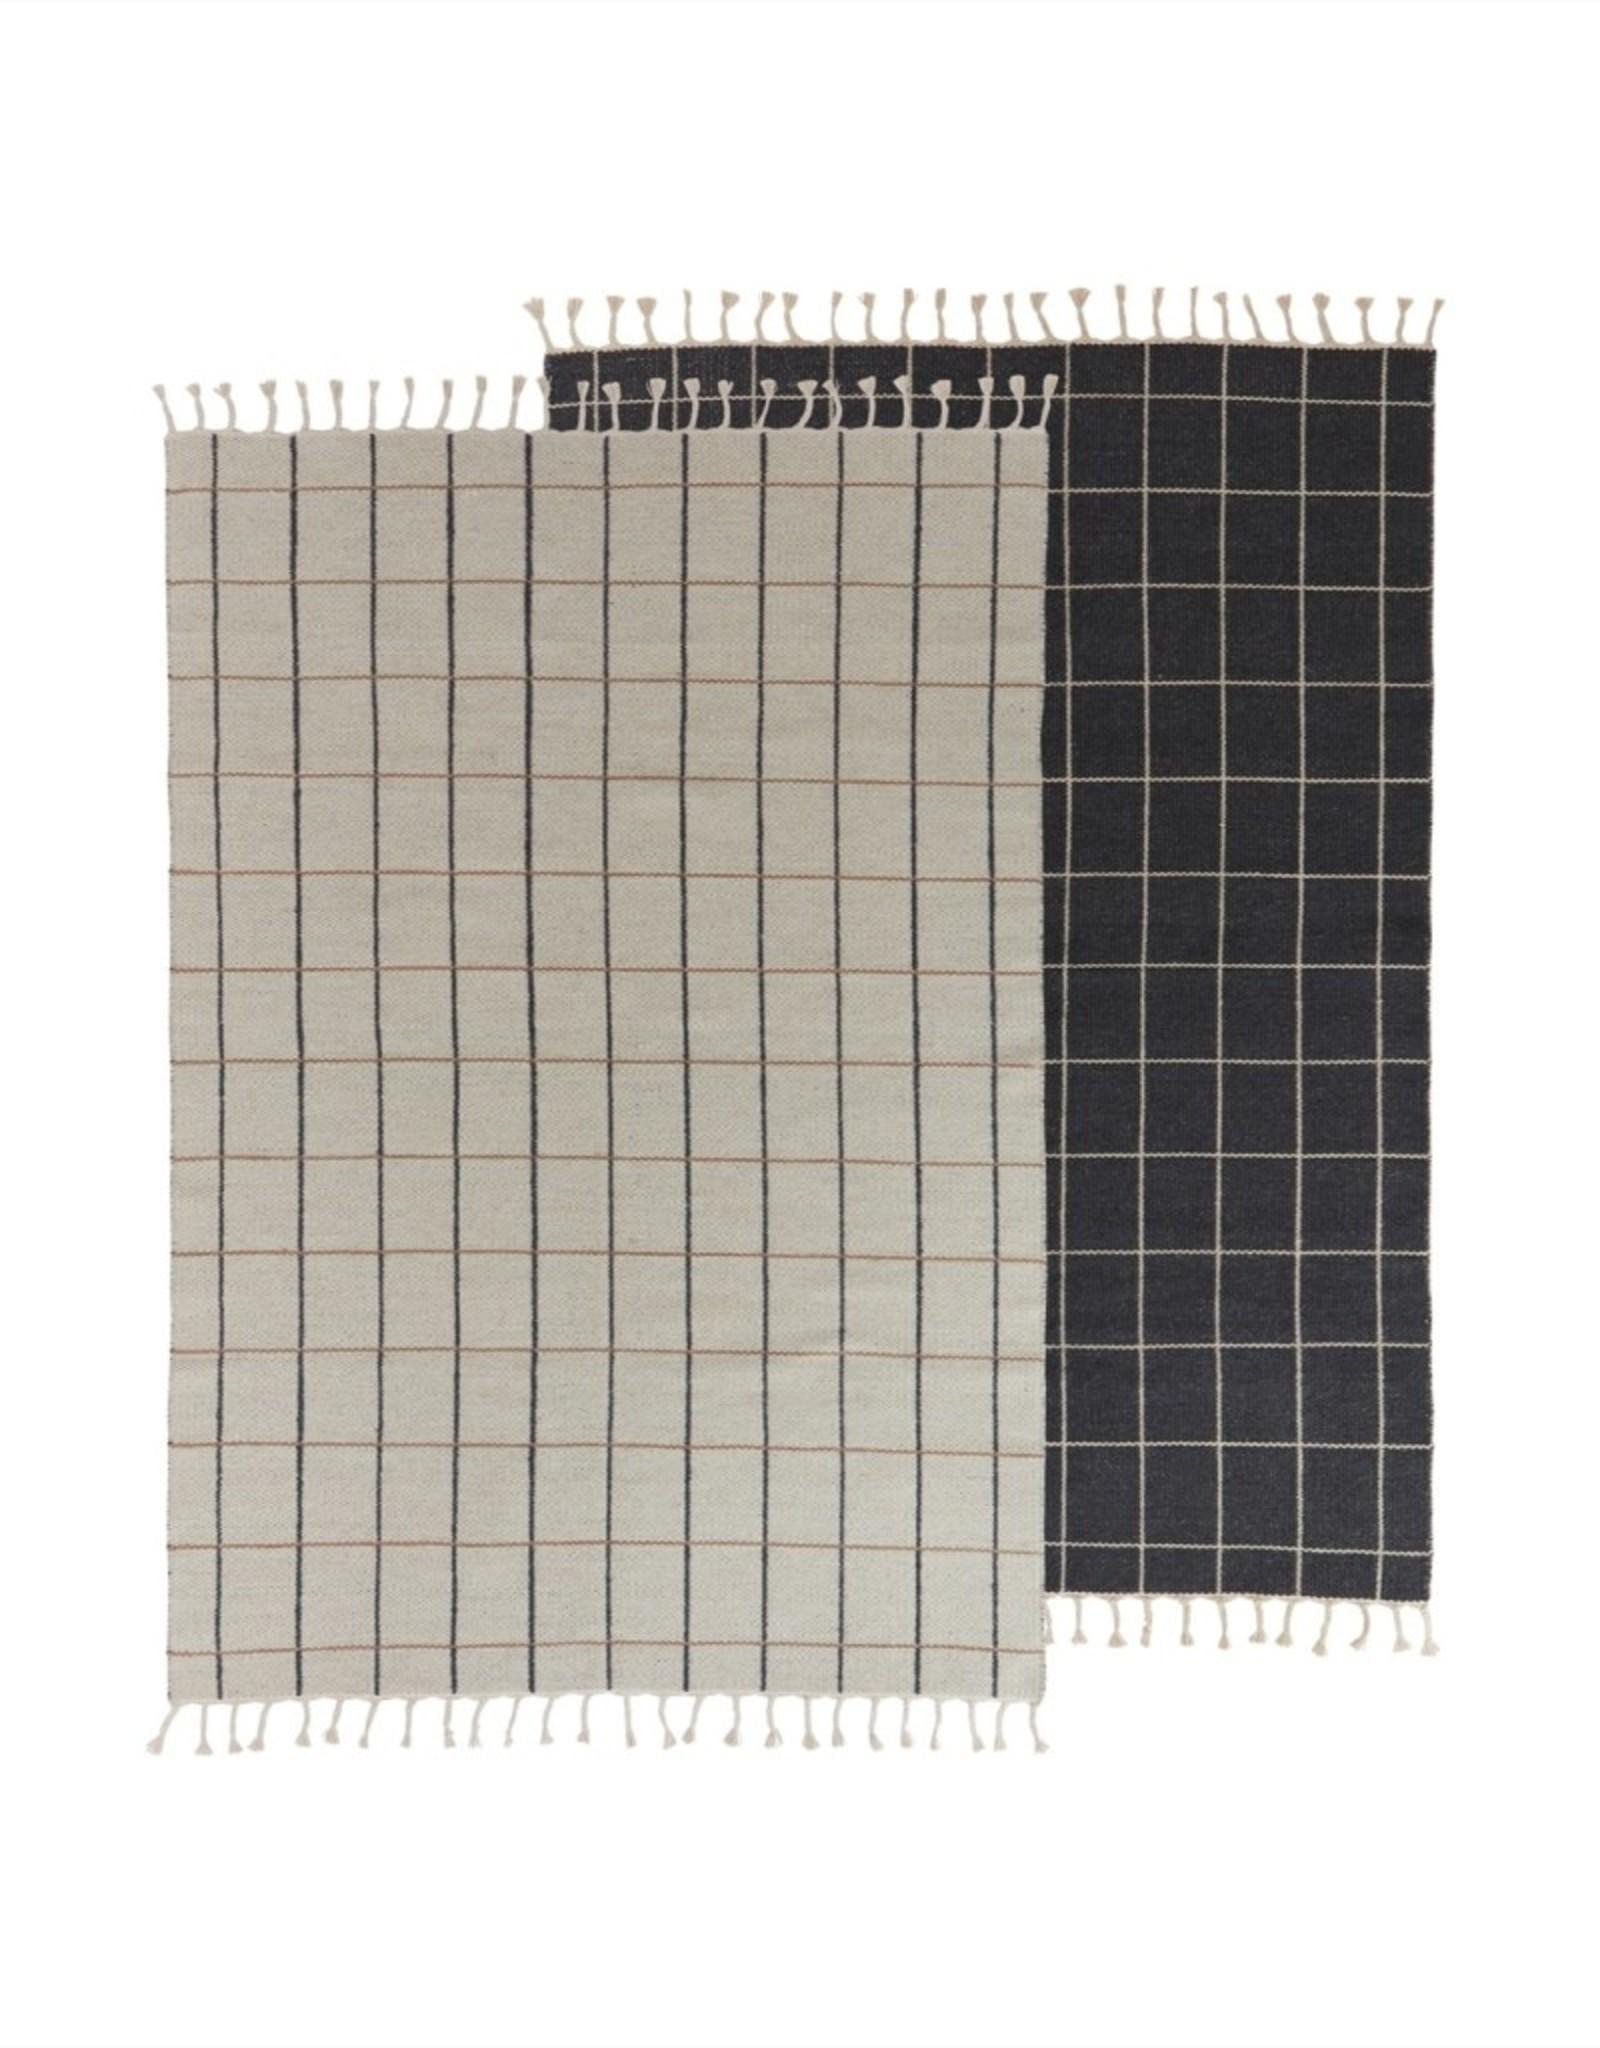 OYOY 'Grid' carpet 140 x 200 cm